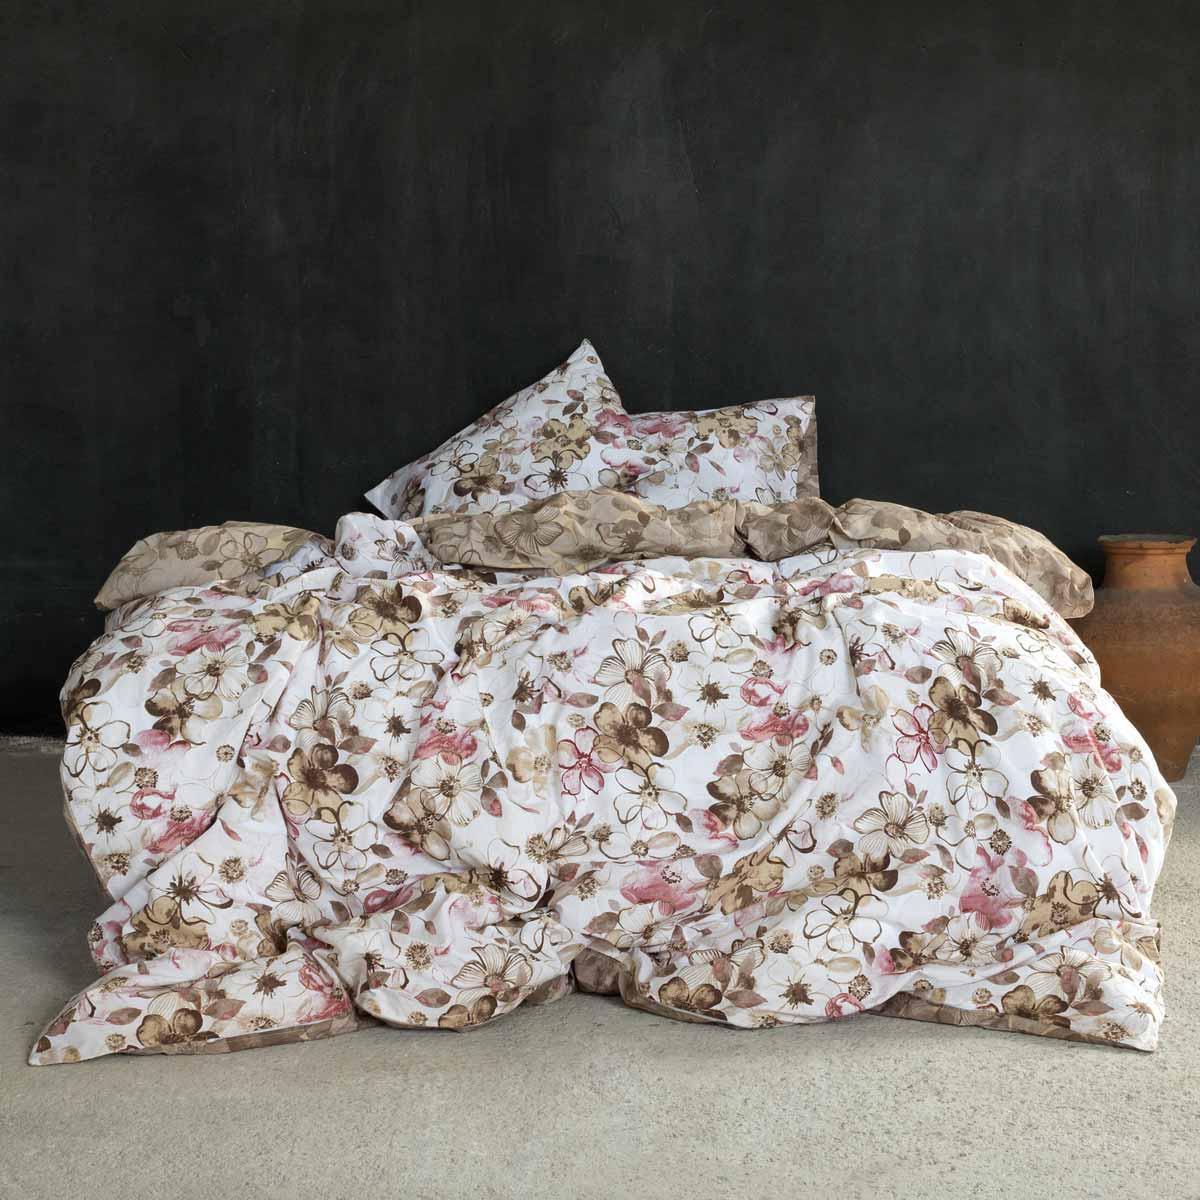 Παπλωματοθήκη Υπέρδιπλη (Σετ) Nima Bed Linen Brindille Terracotta